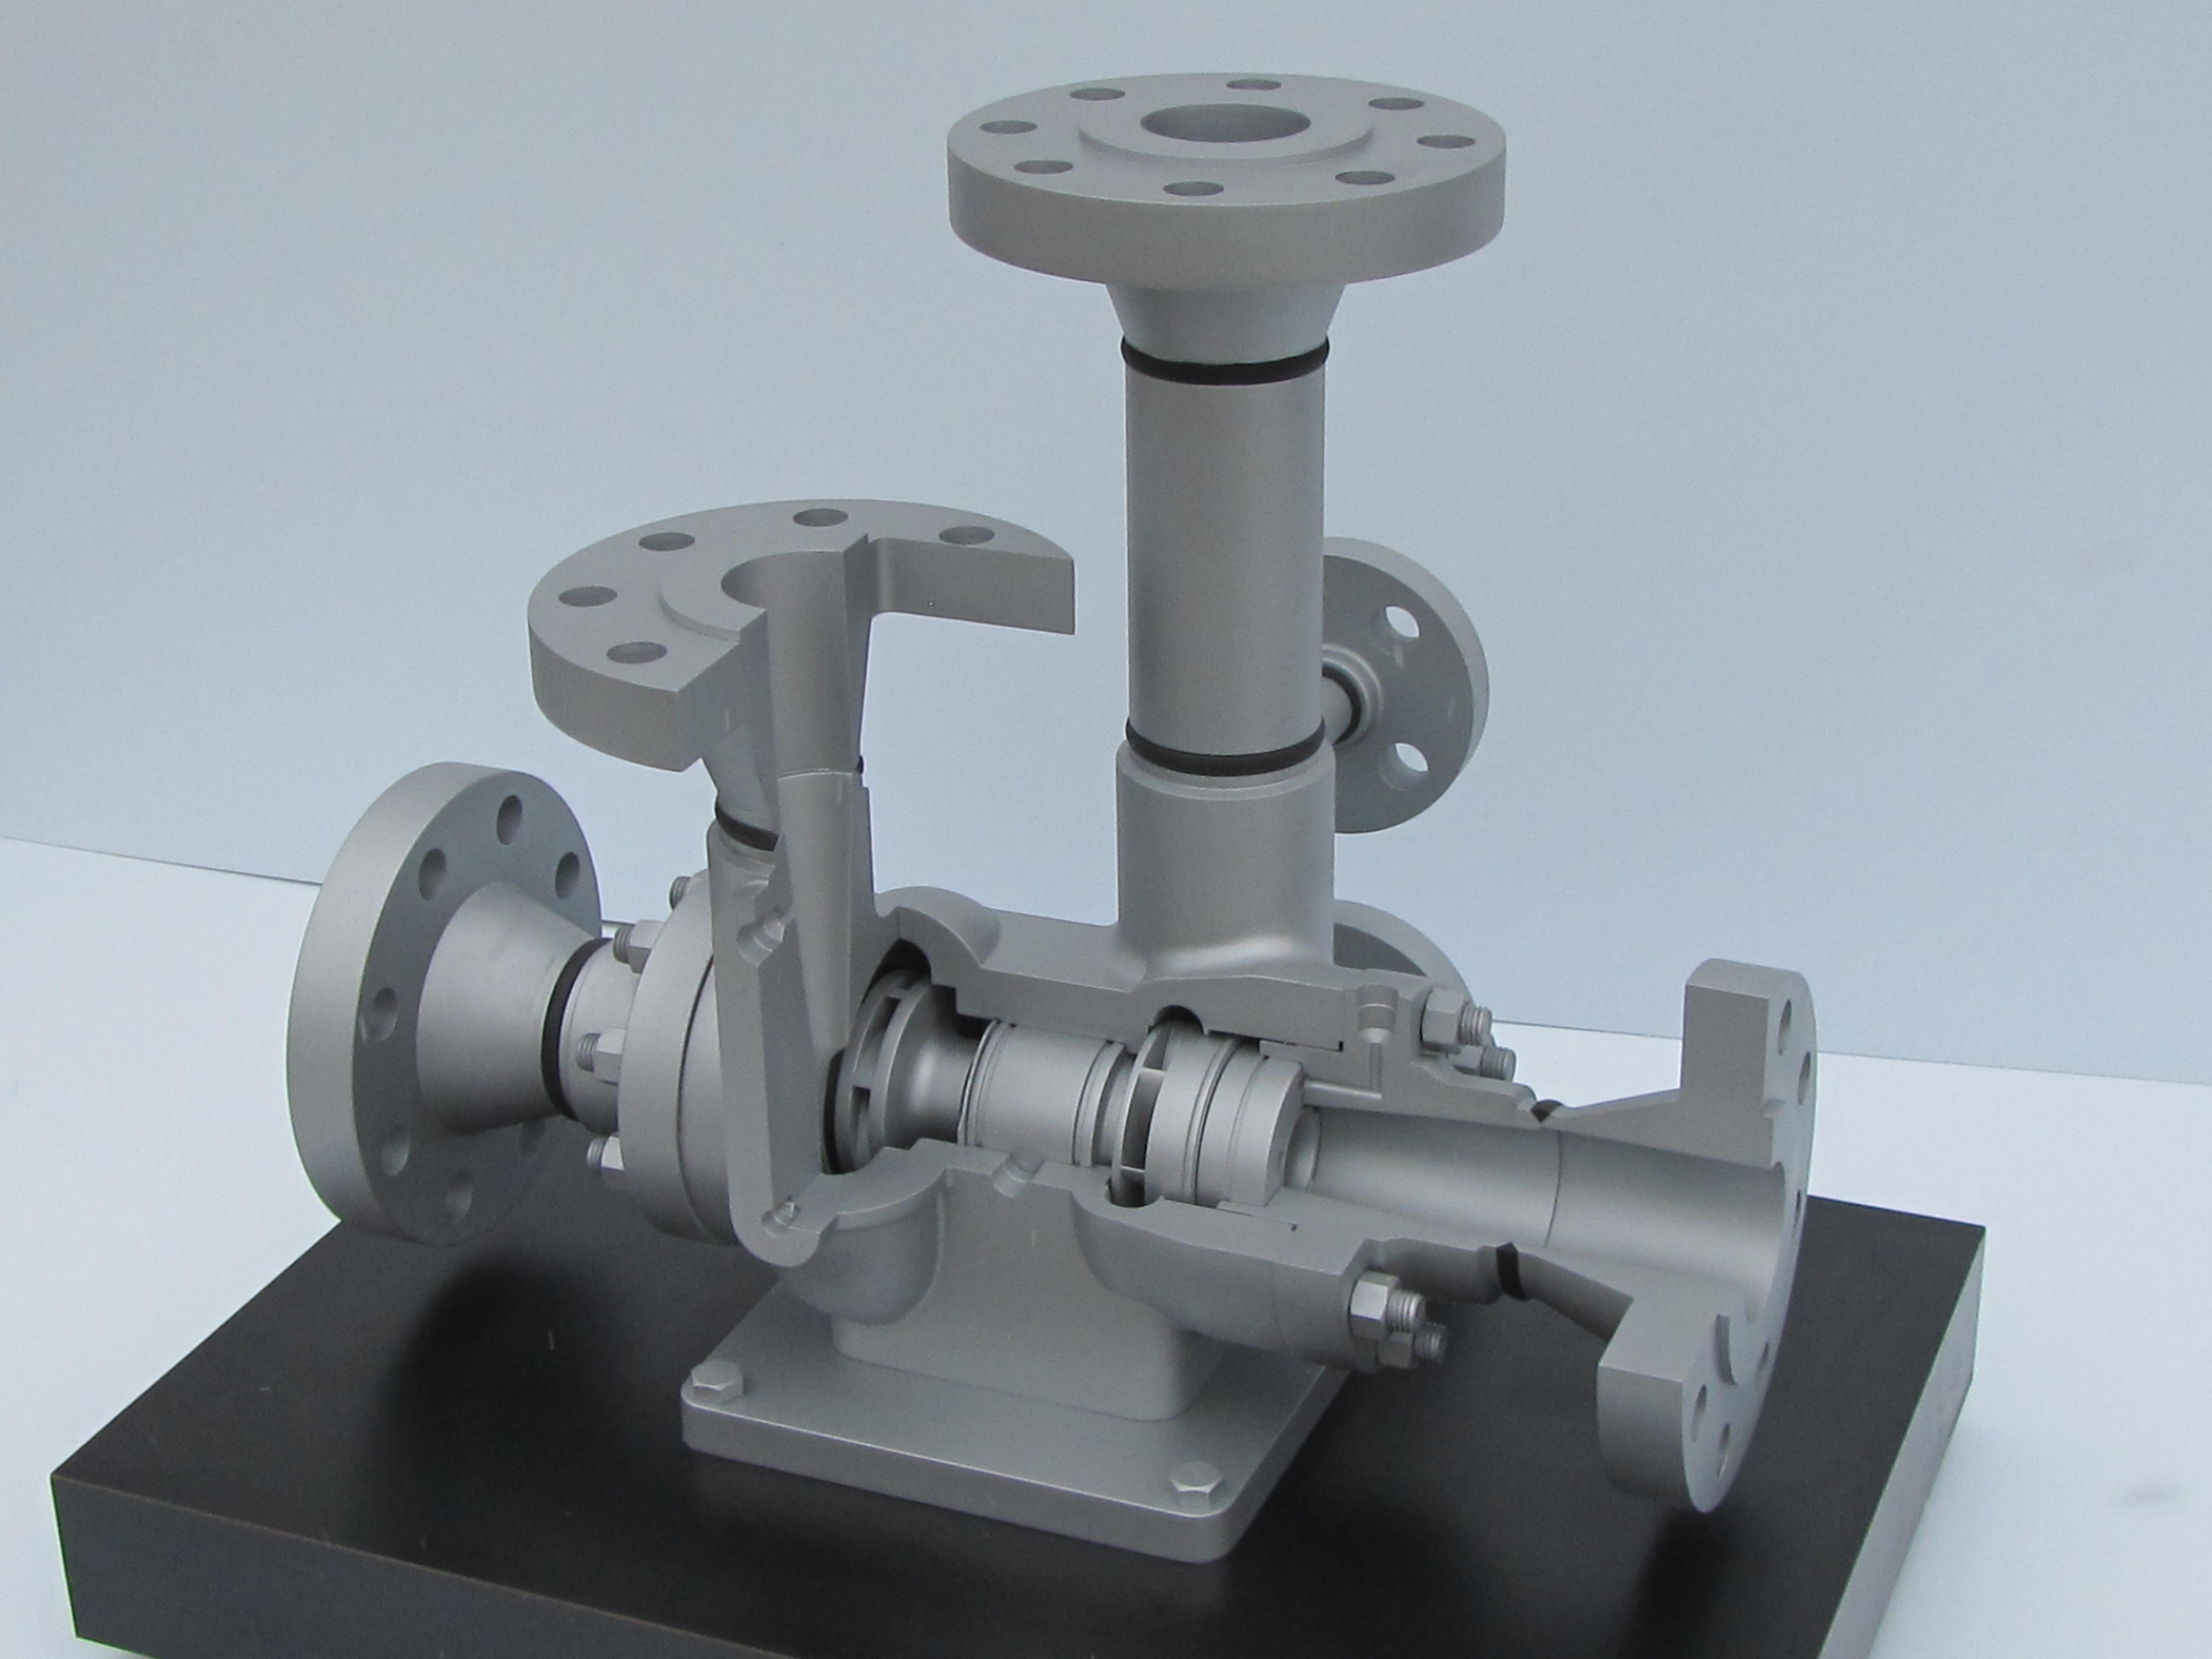 Cutaway Model of Industrial Skid